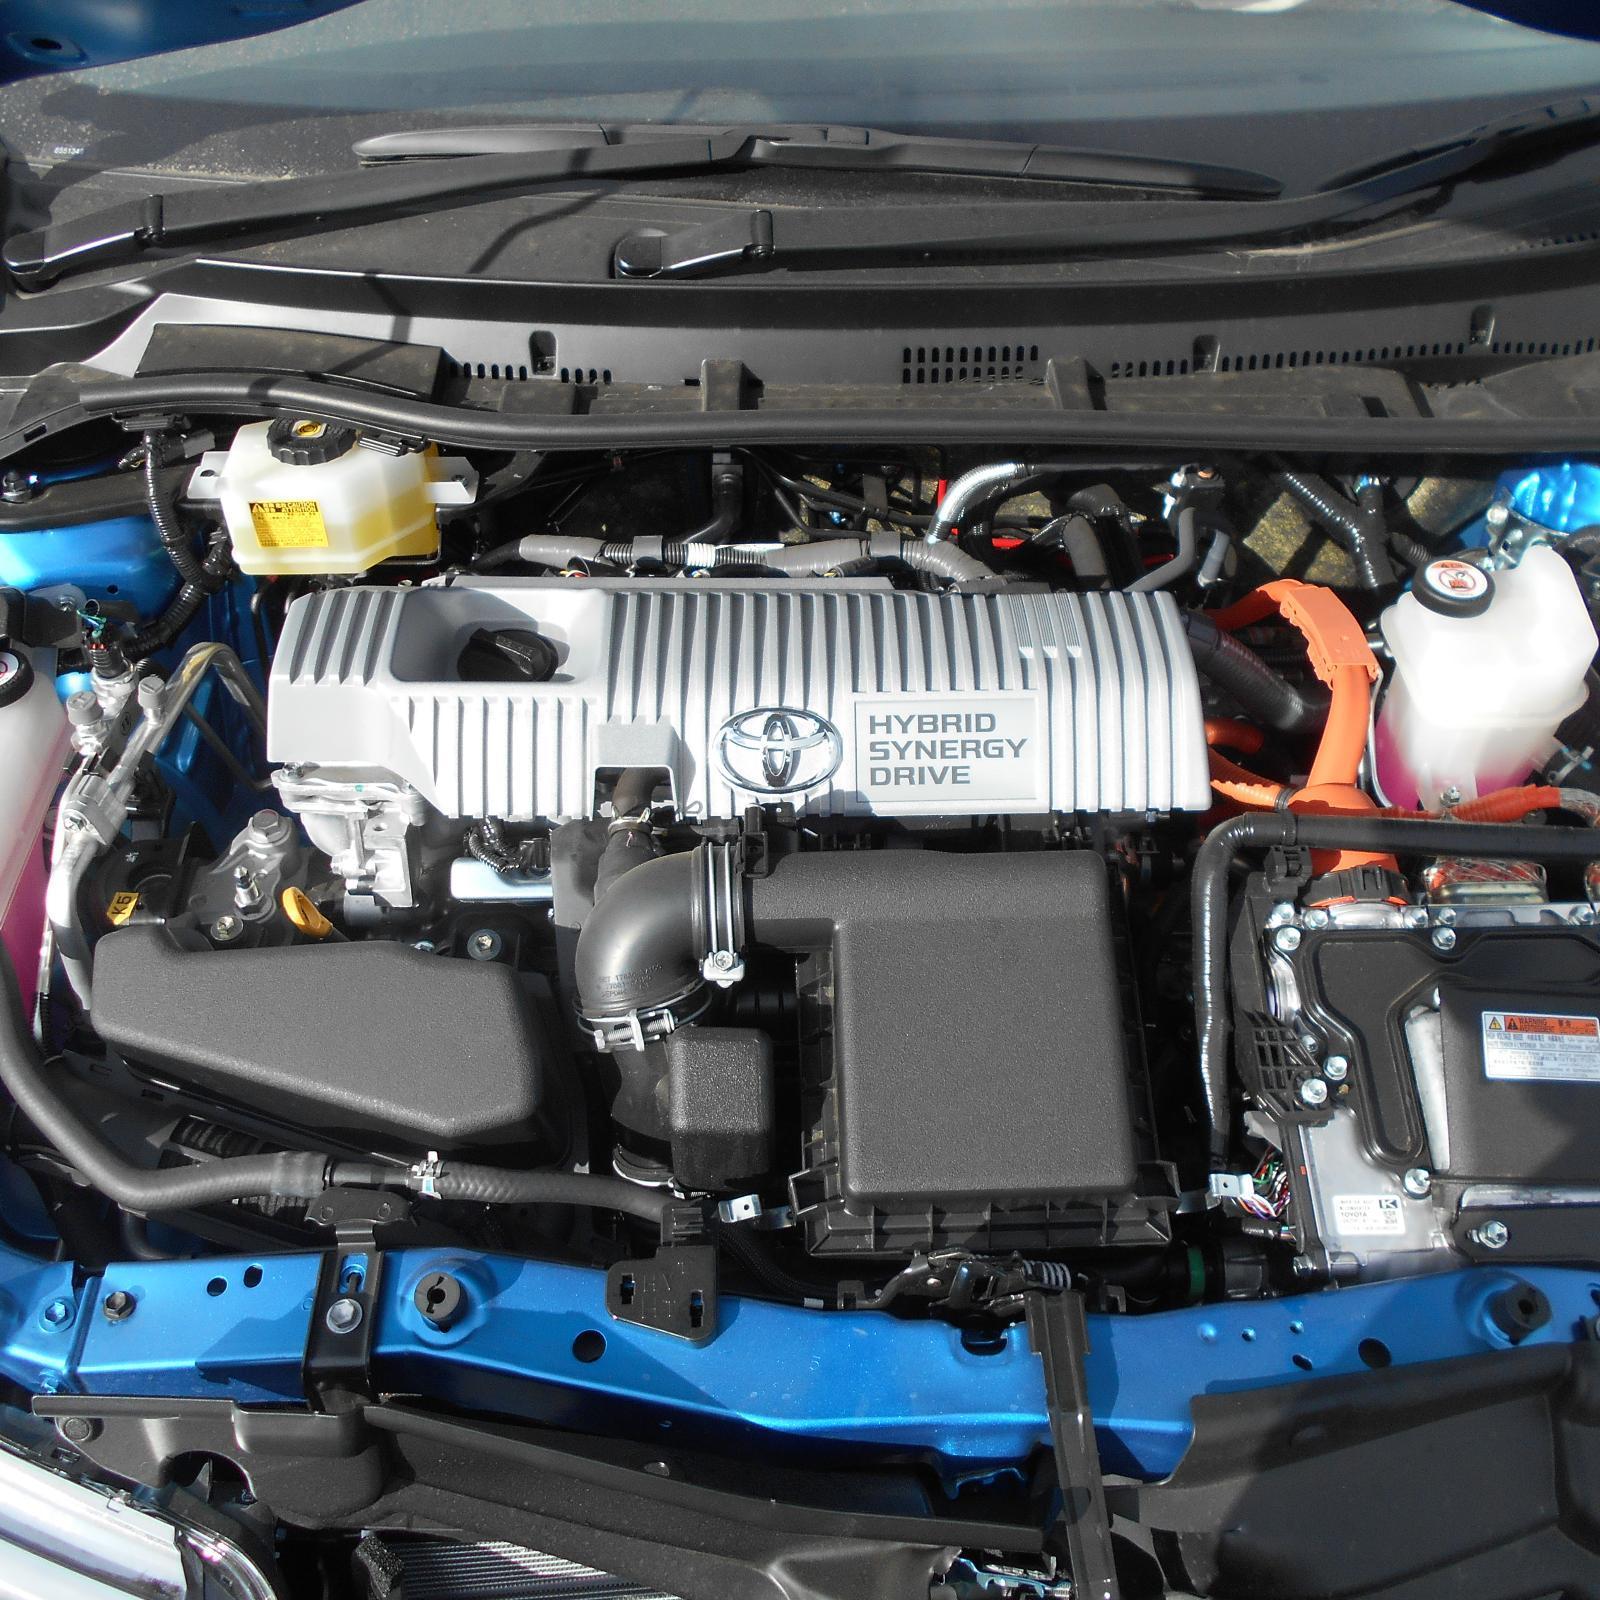 TOYOTA COROLLA, Engine, PETROL, 1.8, 2ZR-FXE, HYBRID, ZWE186R, 06/16-